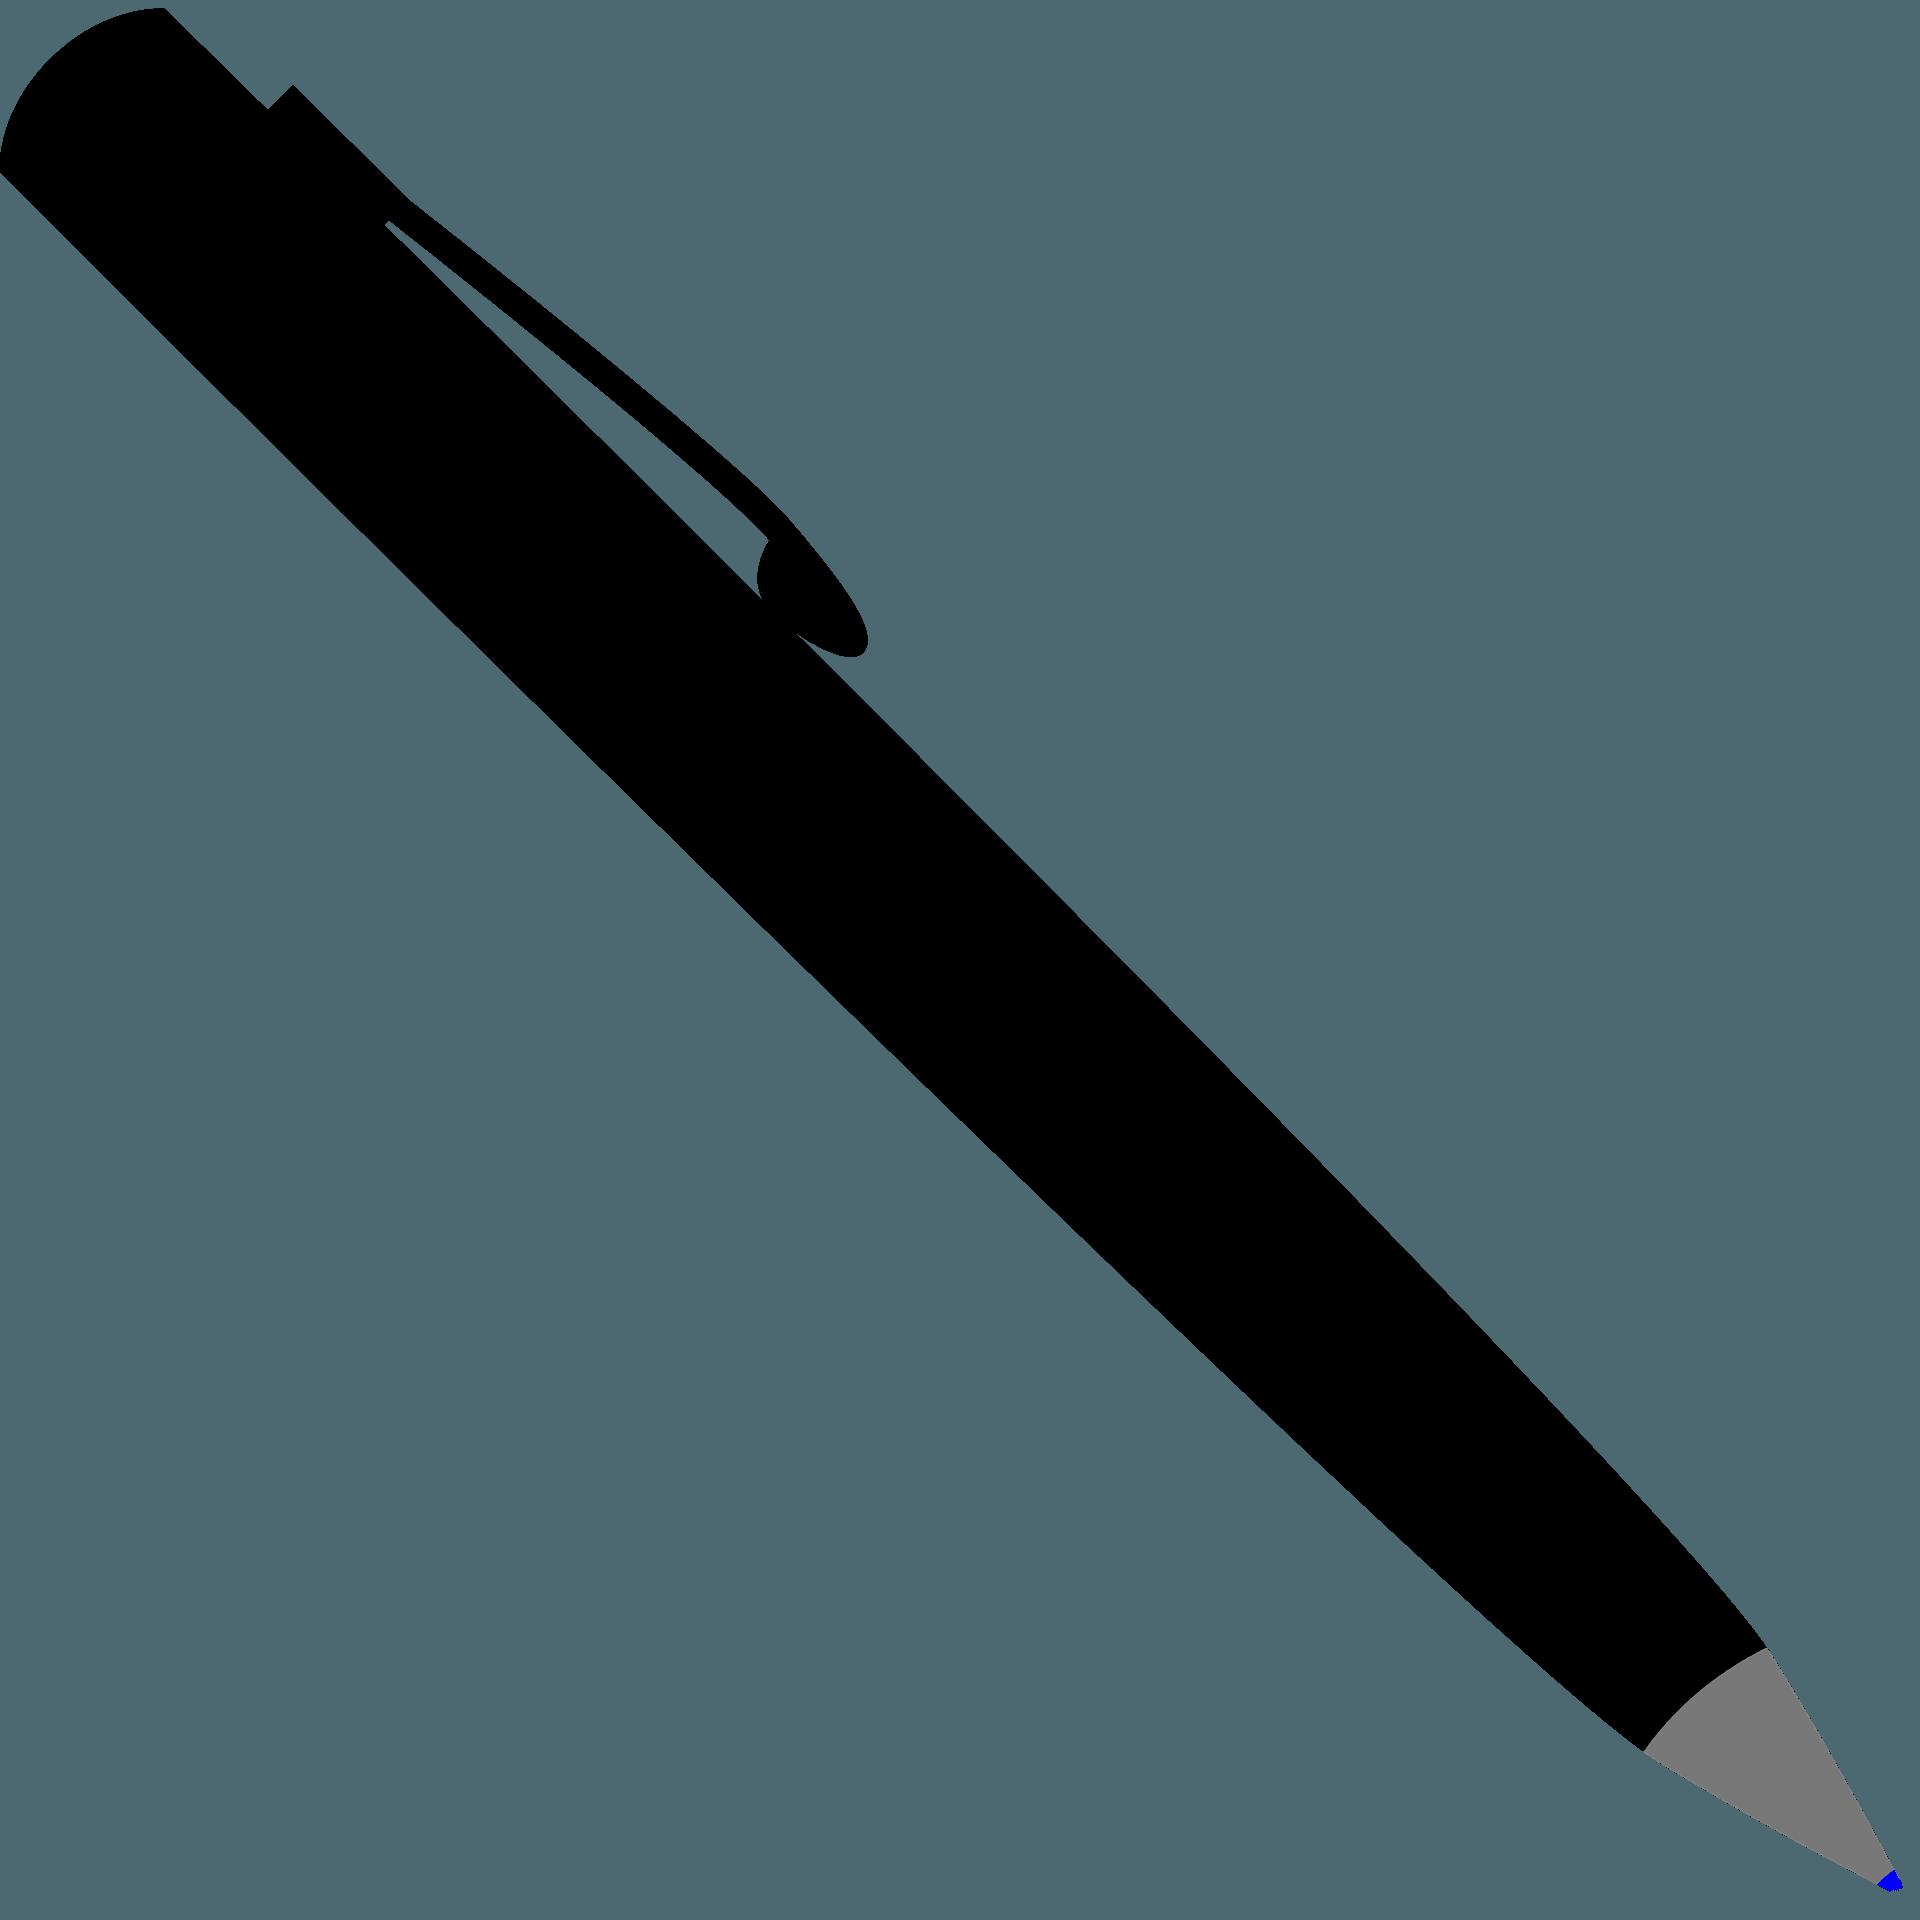 Black Pen Clipart Free Download Transparent Png Creazilla